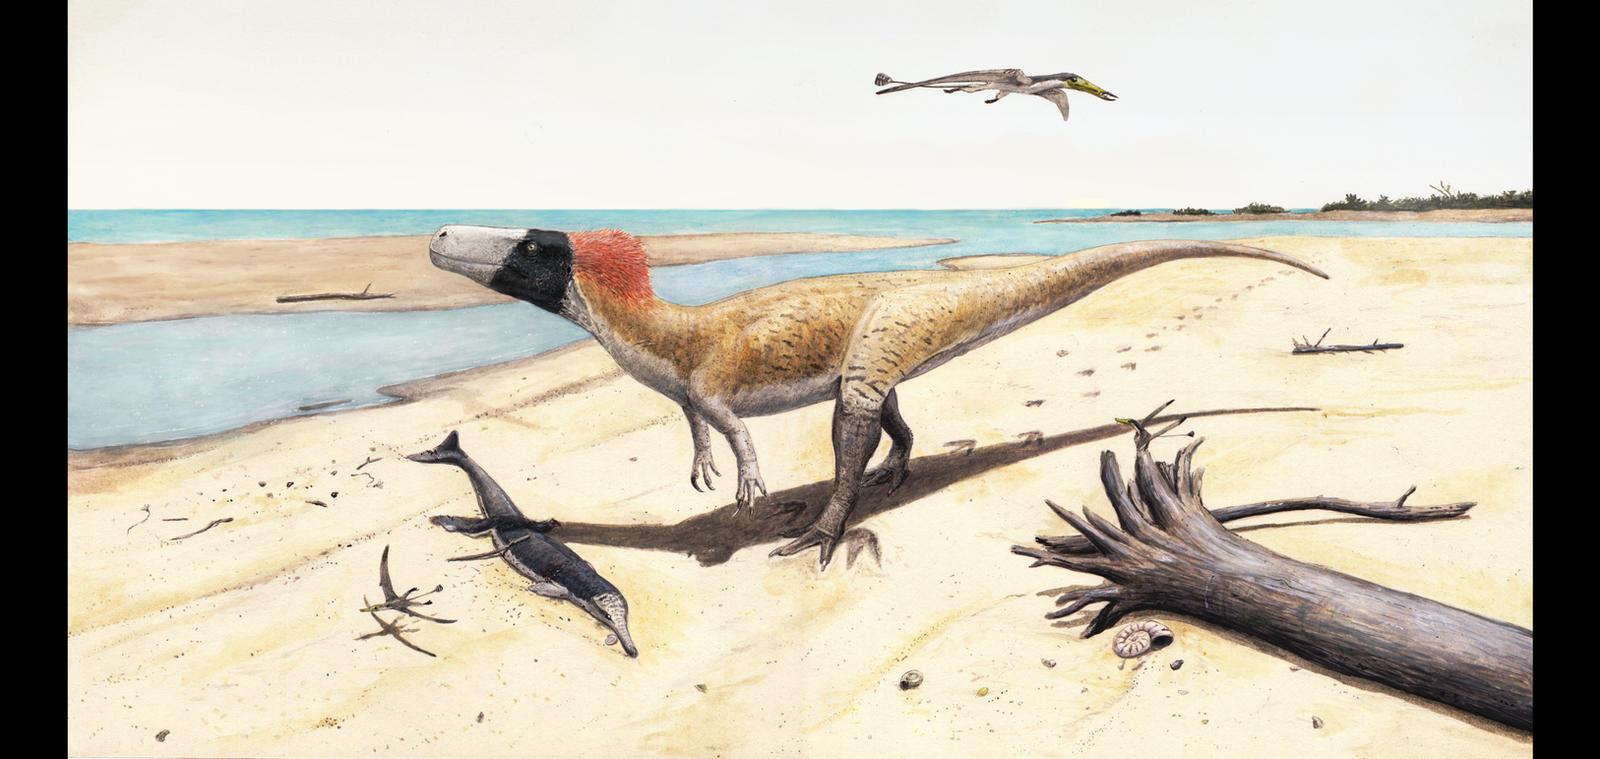 Wiehenvenator albati by Hyrotrioskjan